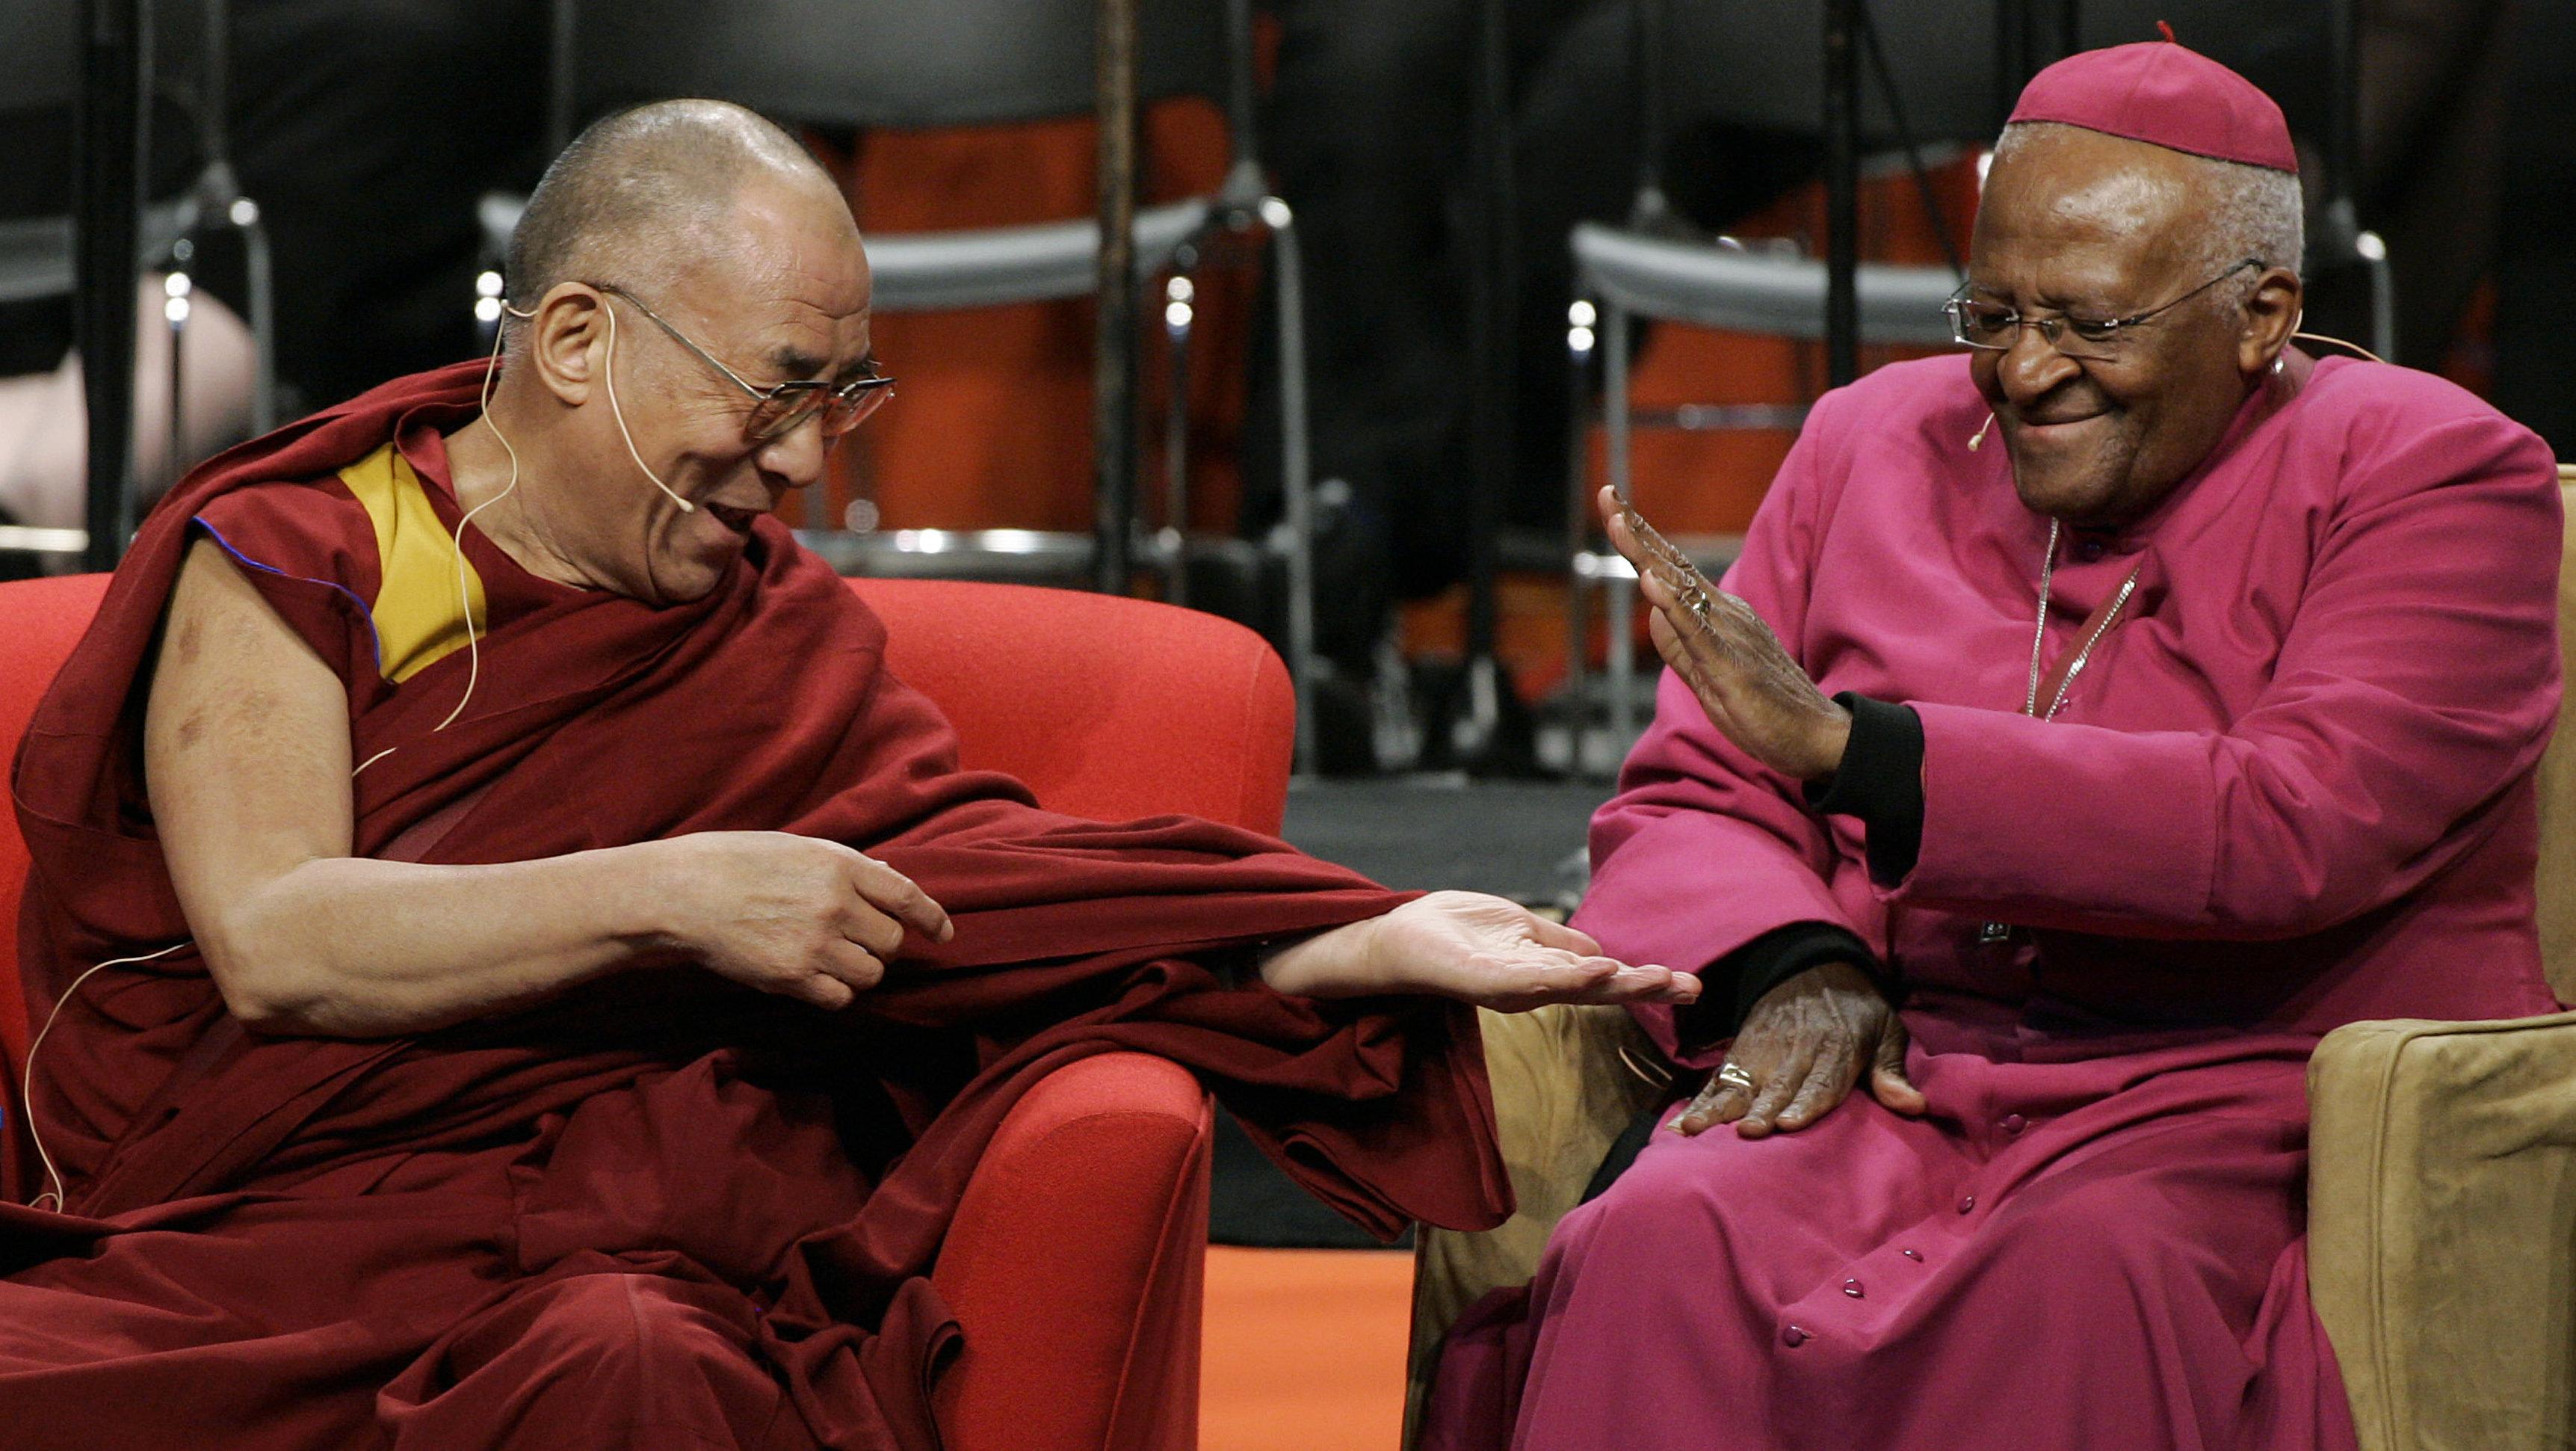 Όταν ο Δαλάι Λάμα και ο Ντέσμοντ Τούτου μίλησαν για τη χαρά της